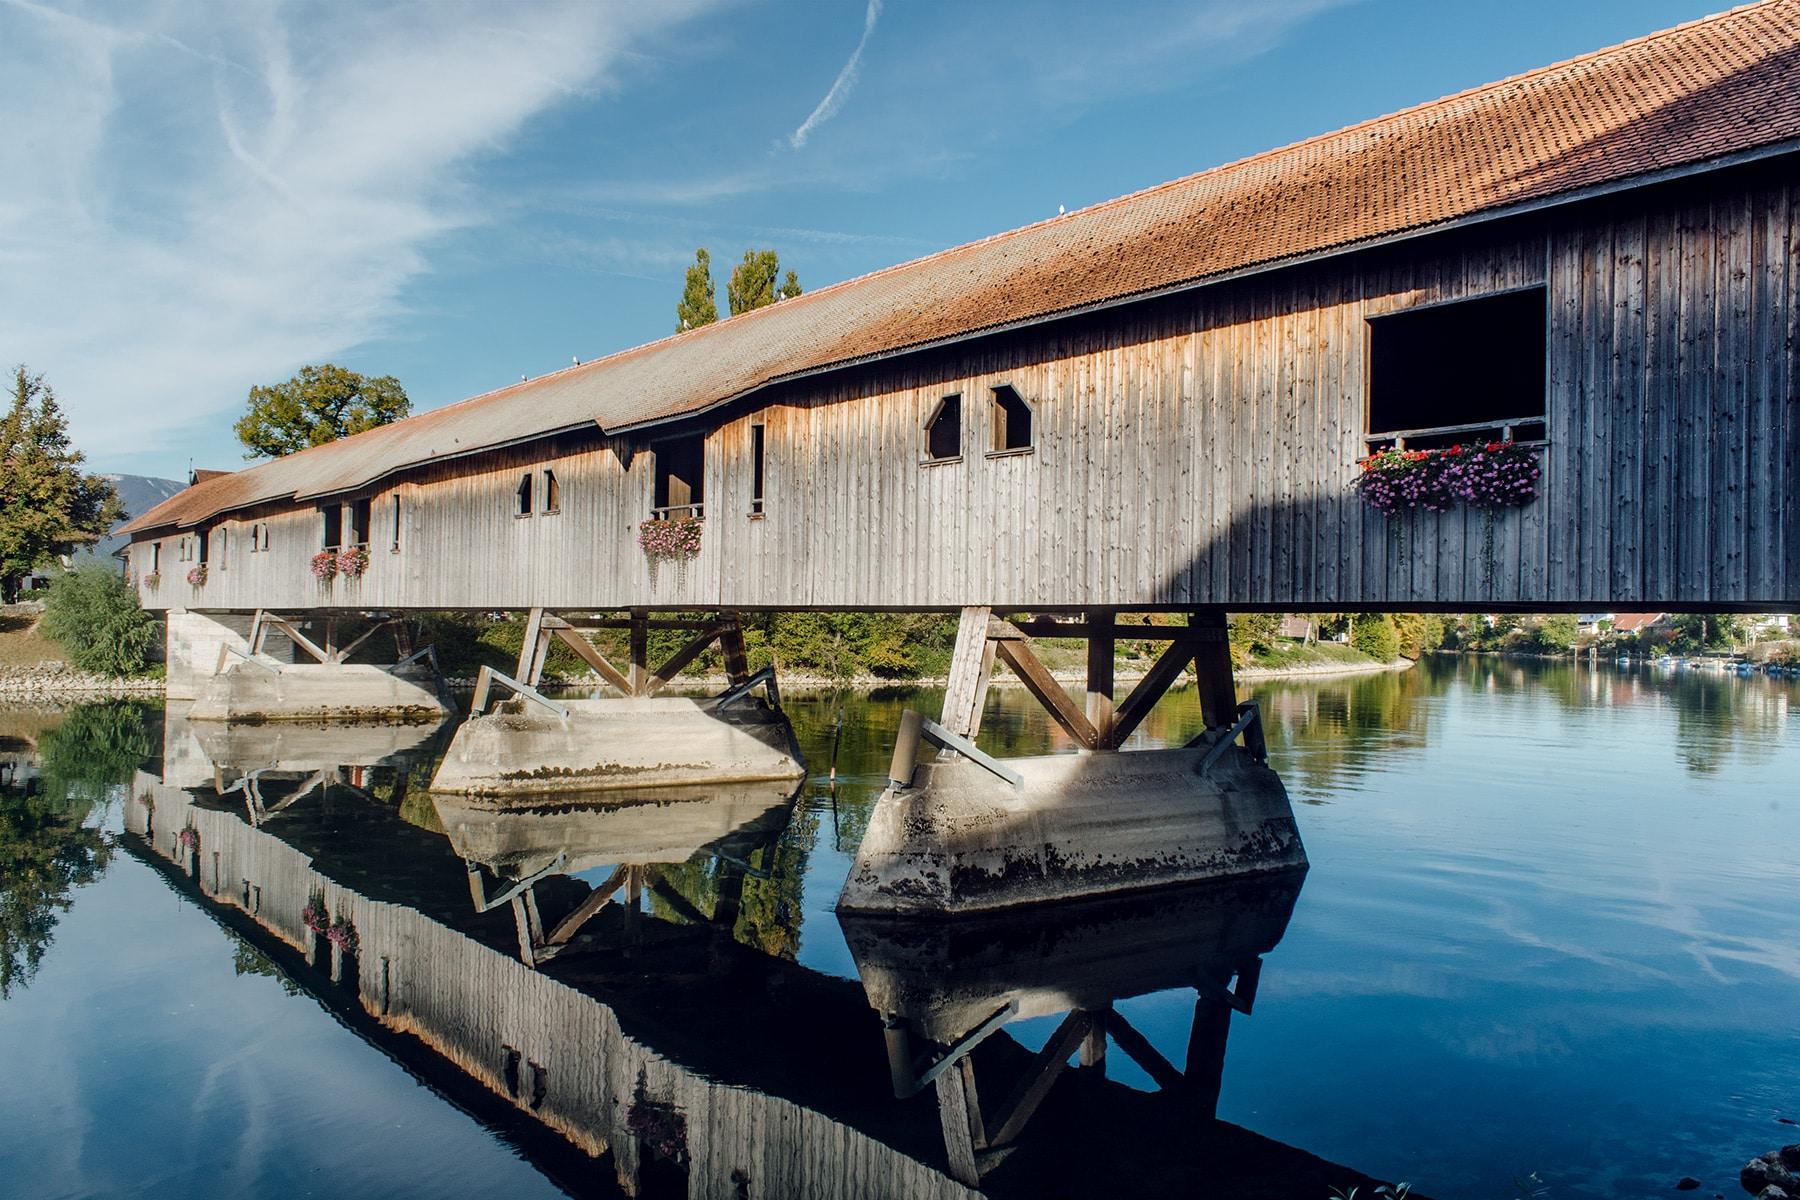 Pont en bois couvert de Büren an der Aare, qui surplombe le canal de Nidau-Büren